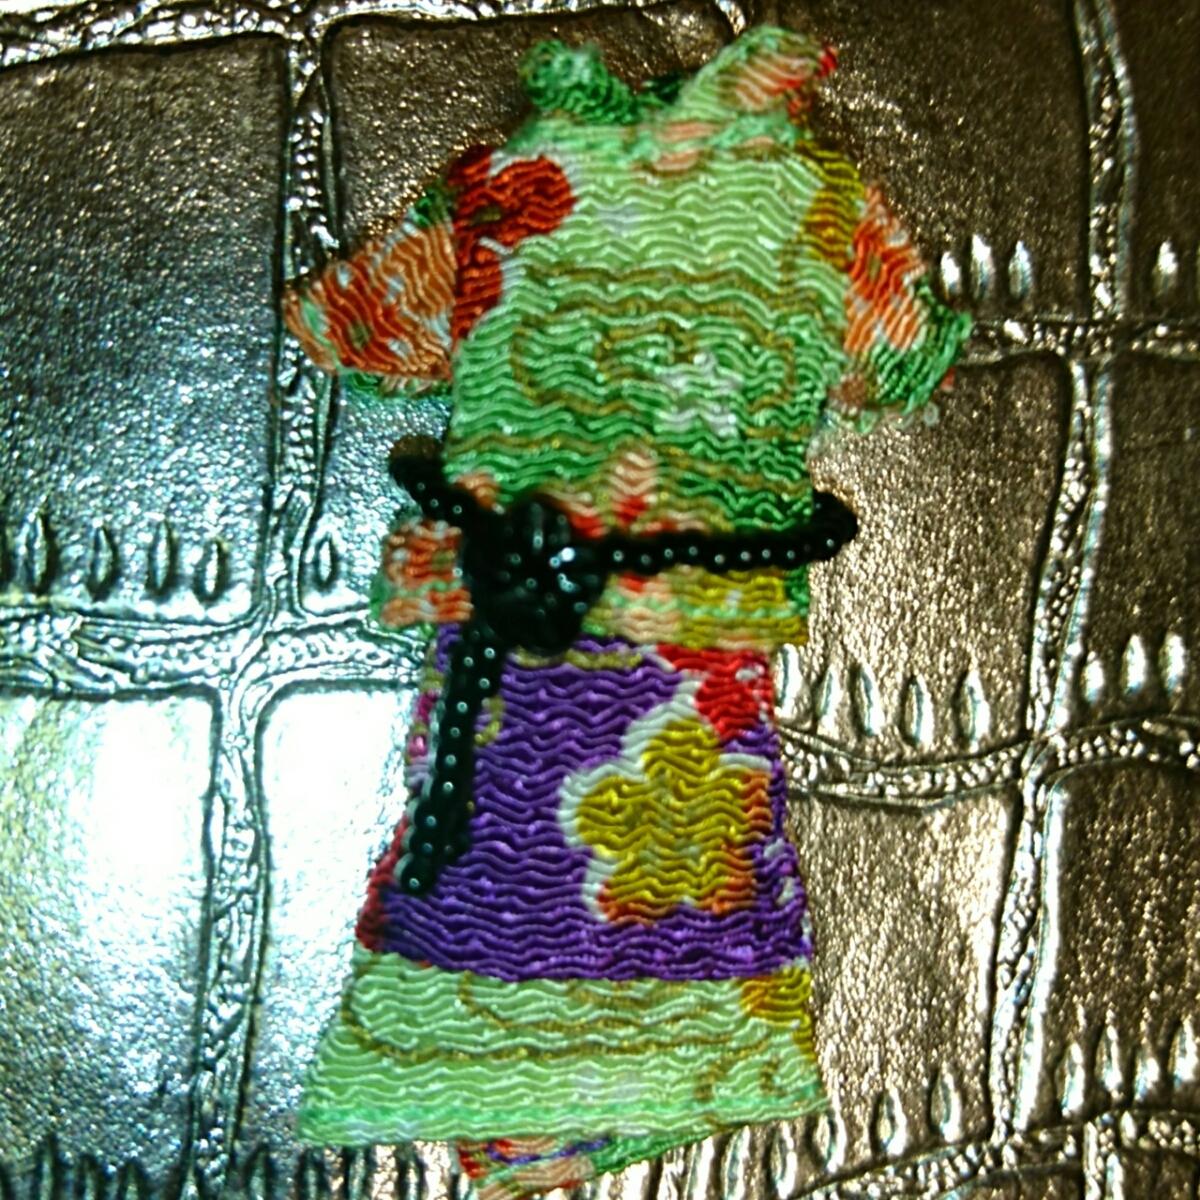 新品 プチブライス アウトフィット パーフェクトアジアンバタフライ ベルト 洋服 上下 ブライス ドール 服 和柄 沖縄 琉球 和服 和装 花柄_画像2